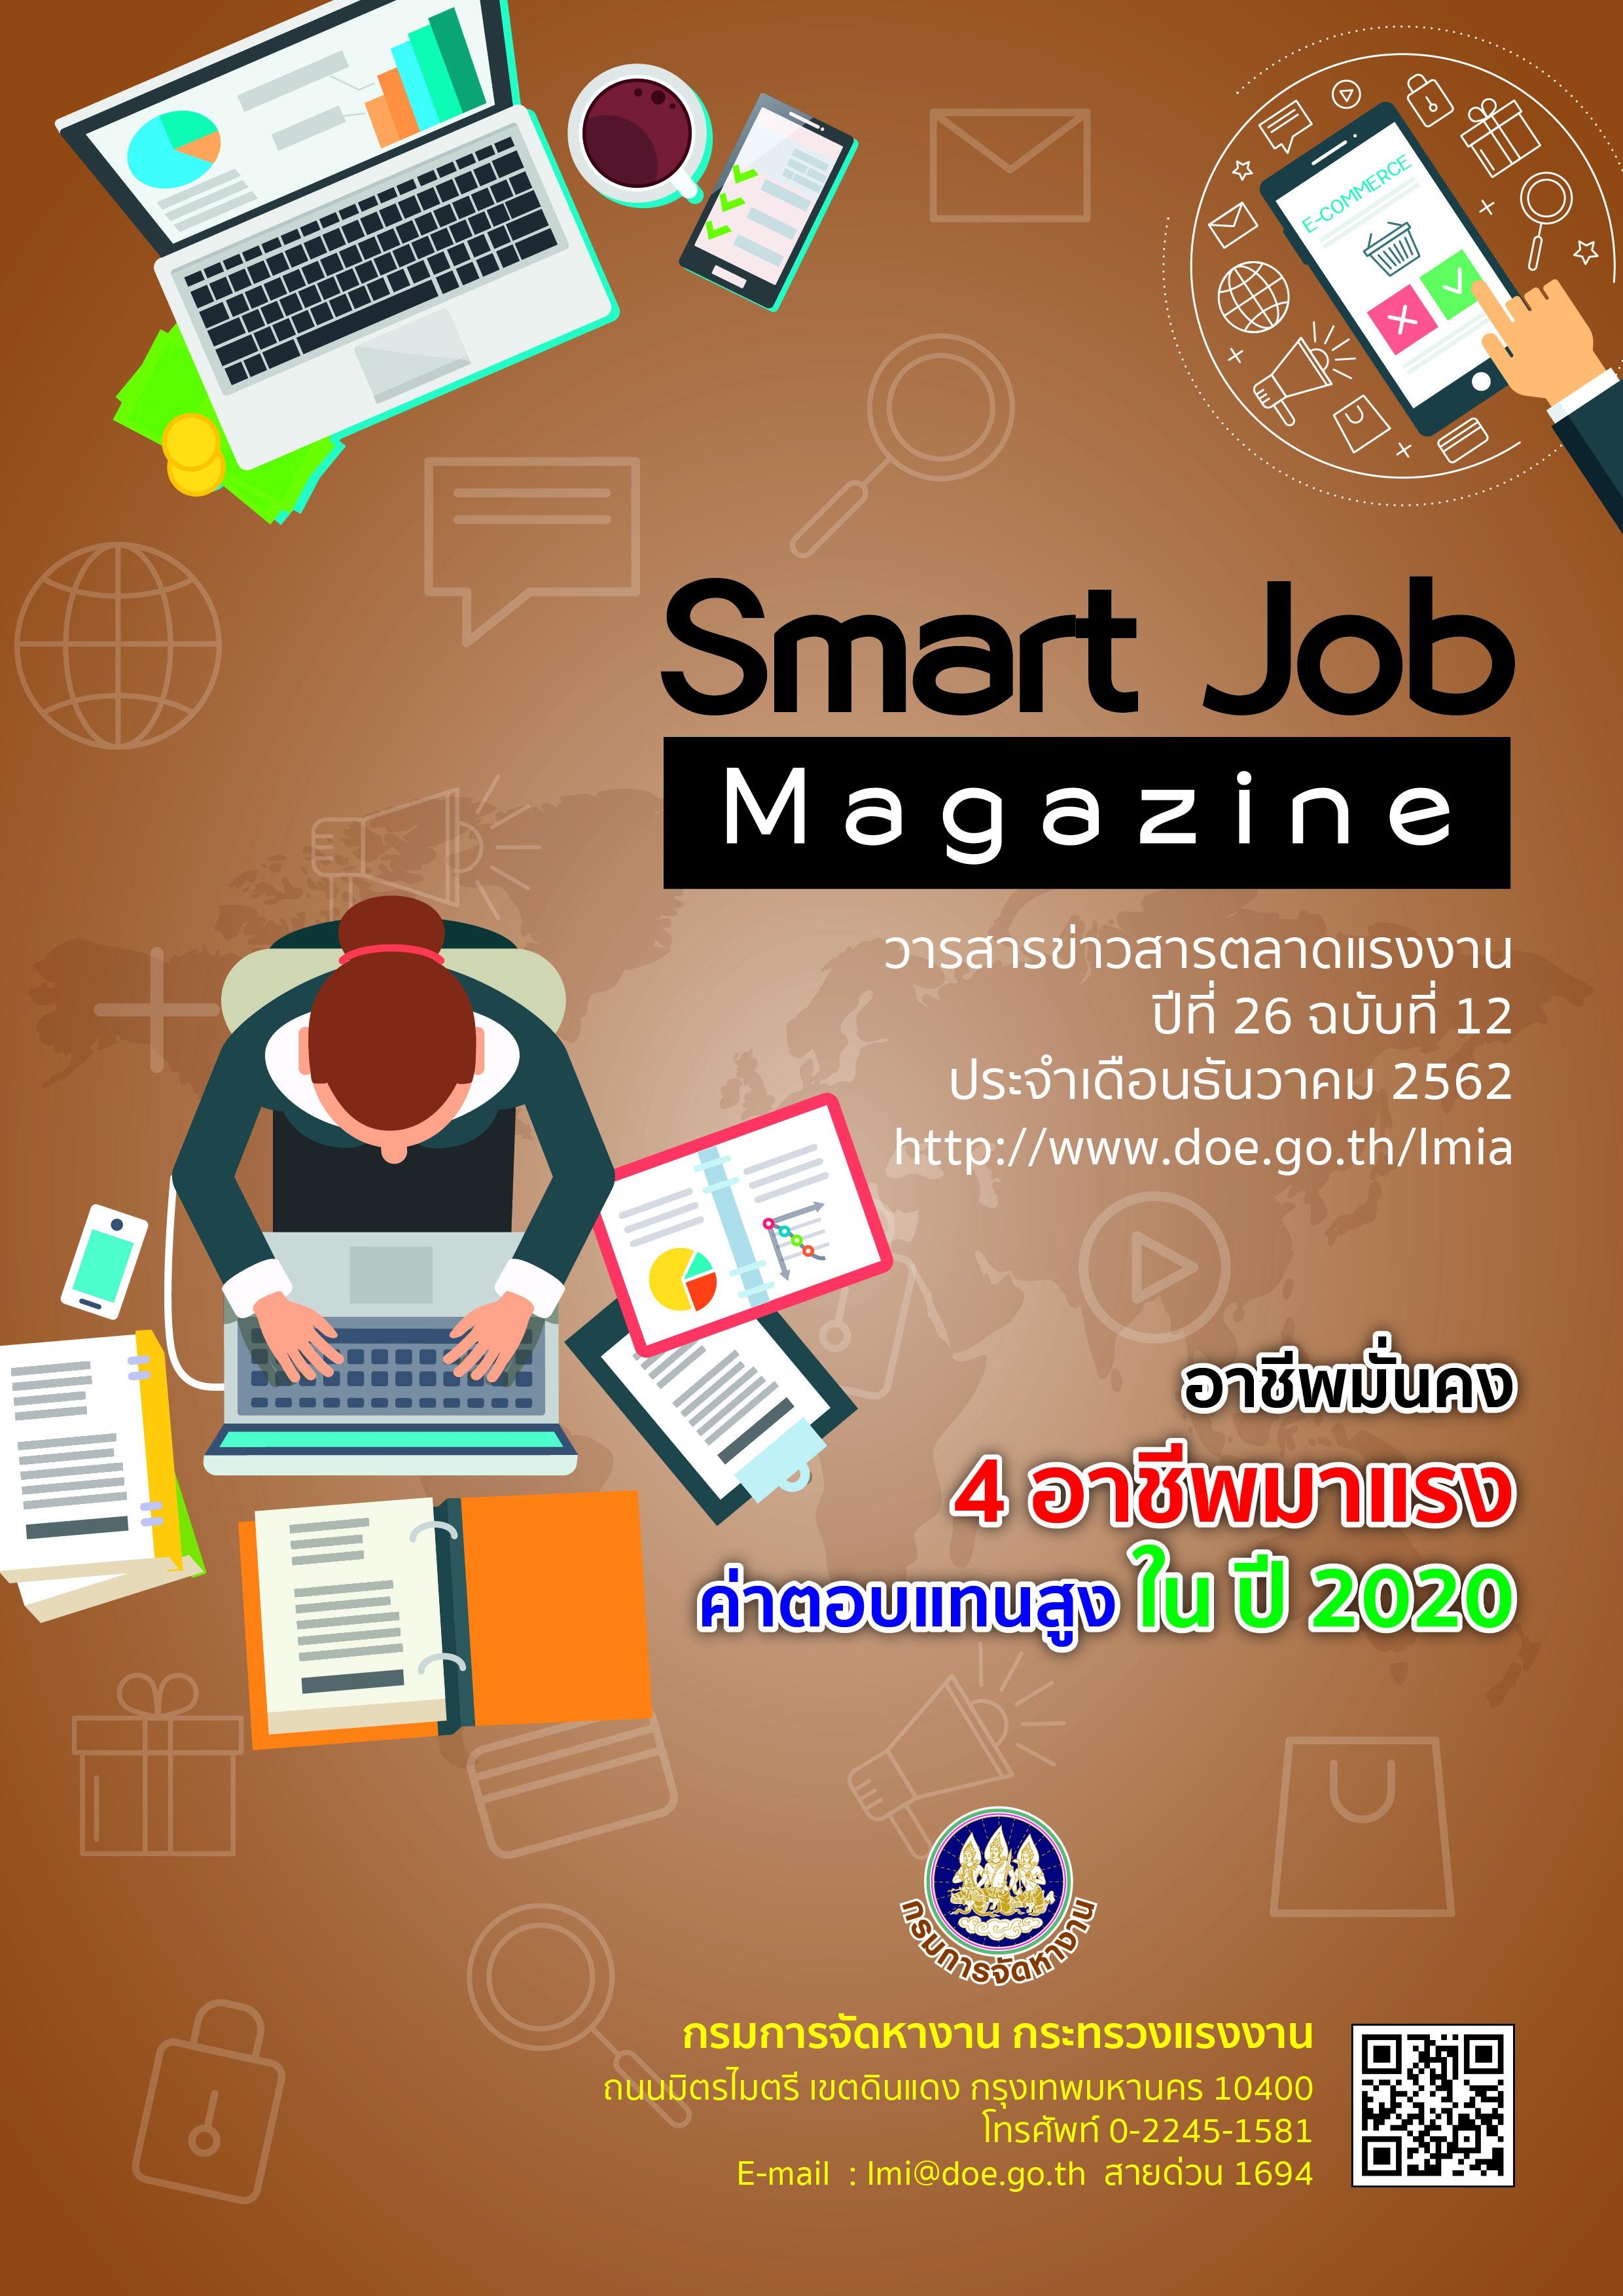 วารสารข่าวสารตลาดแรงงาน Smart Job Magazine ประจำเดือนธันวาคม 2562